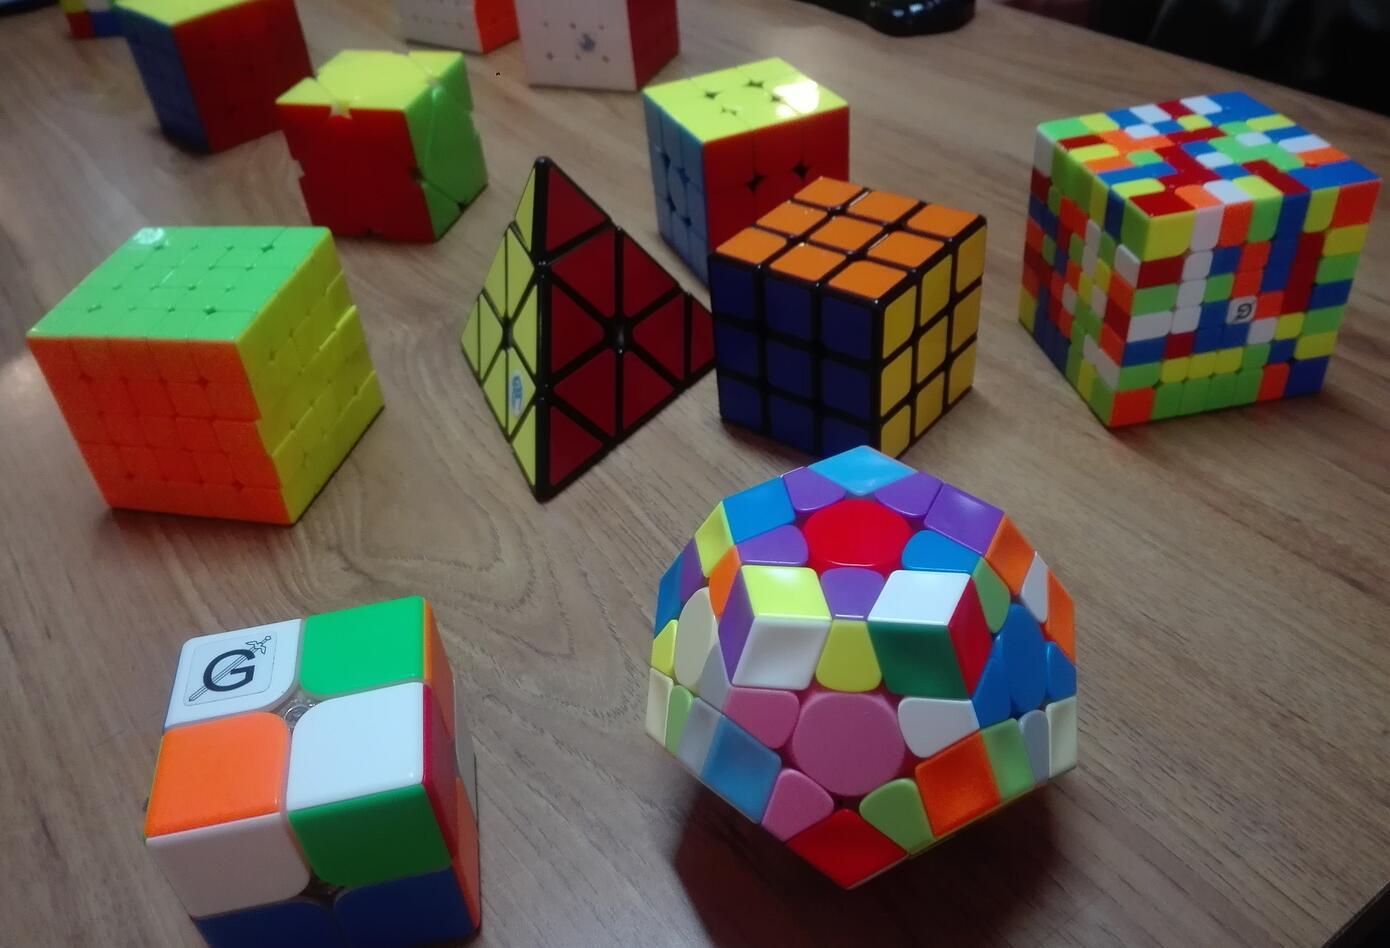 El cubo de rubik fue creado en 1974 por el húngaro Ernő Rubik